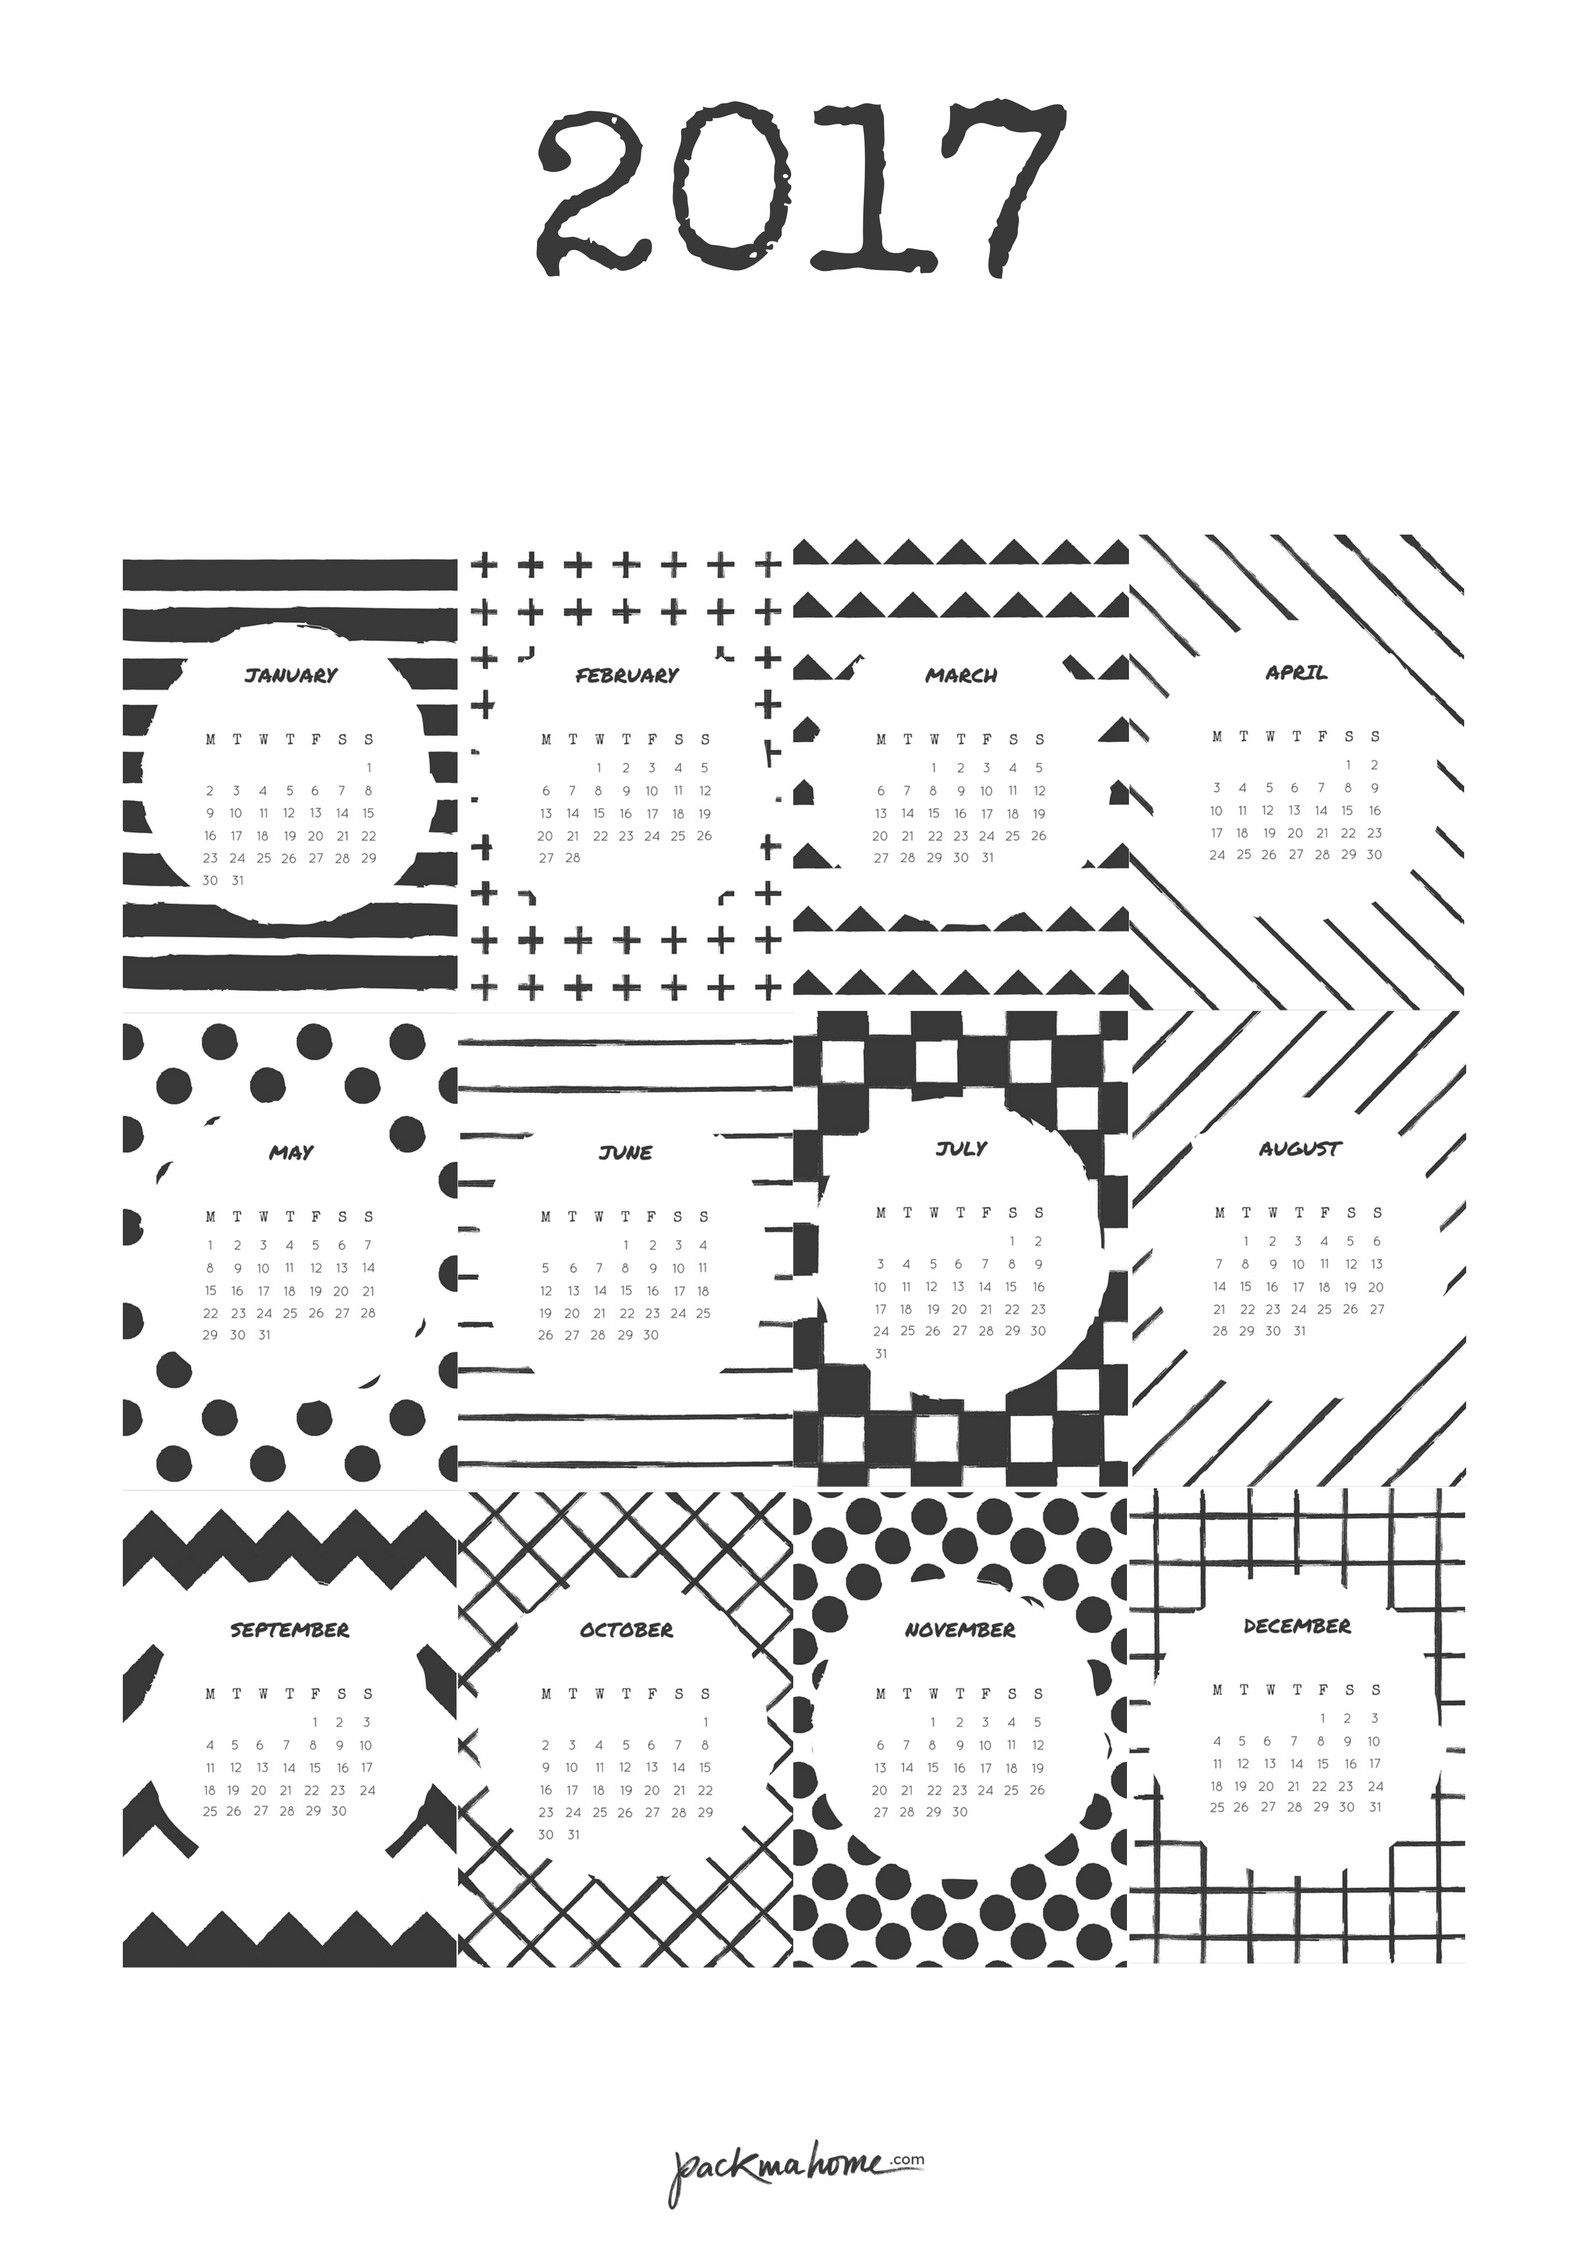 Calendario De Outubro 2017 Para Imprimir Más Caliente Pin De Flora Las Em Printable Pinterest Of Calendario De Outubro 2017 Para Imprimir Más Actual Pin De Ana Rodriguez En Planificador Mensual Imprimible